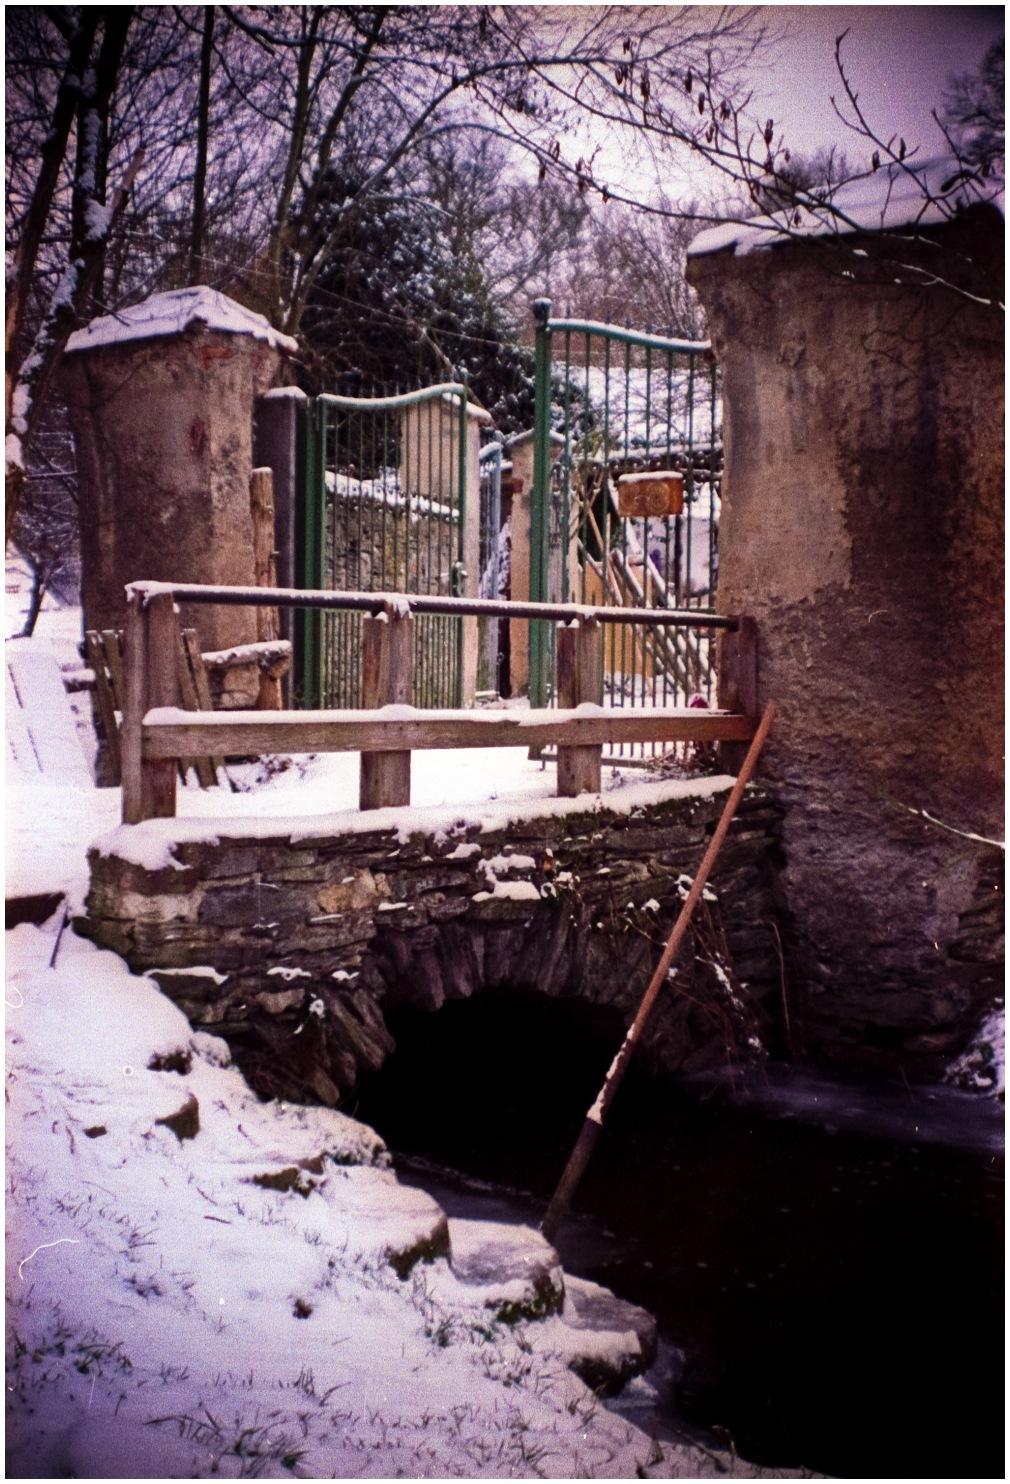 Aux portes de l'hiver